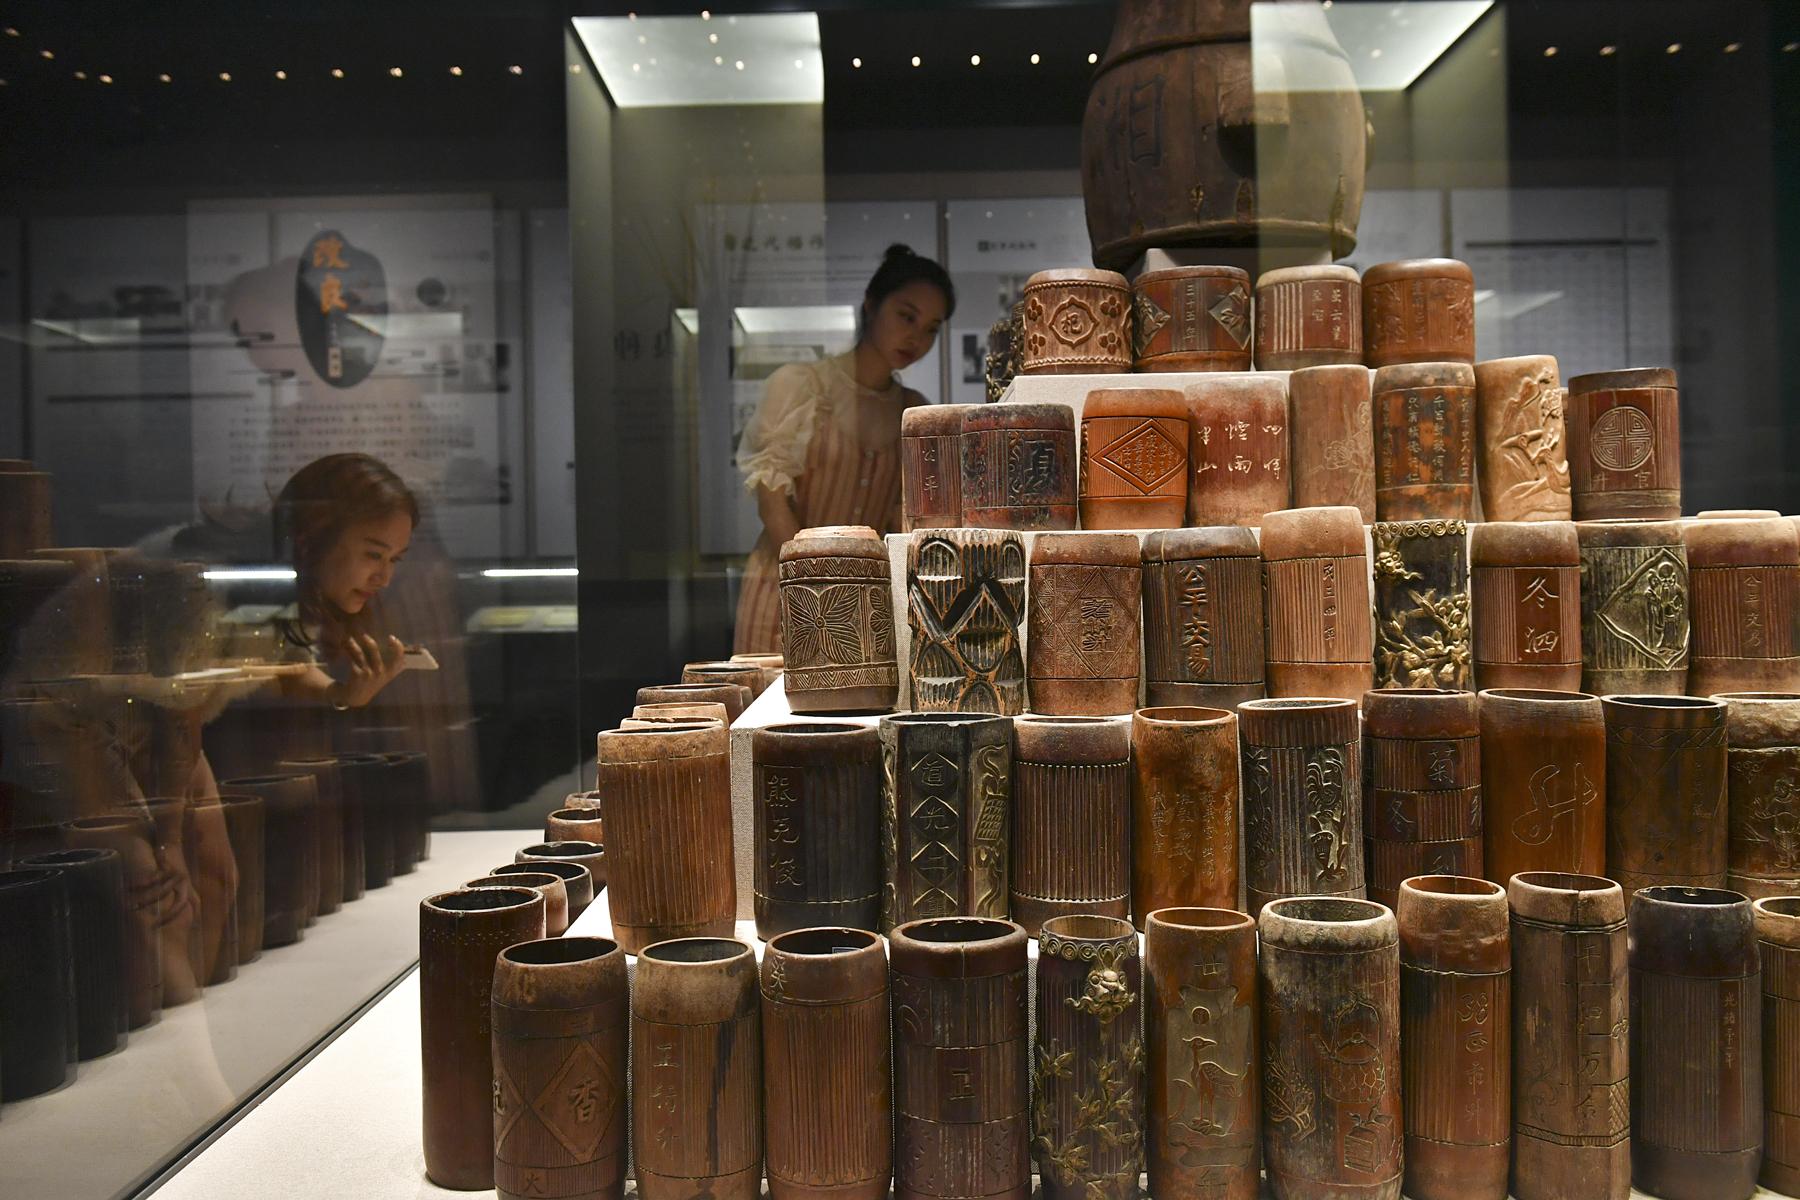 200多个大小、形状、花色各异的米升展现出各异的家风。 长沙晚报全媒体记者 王志伟 摄